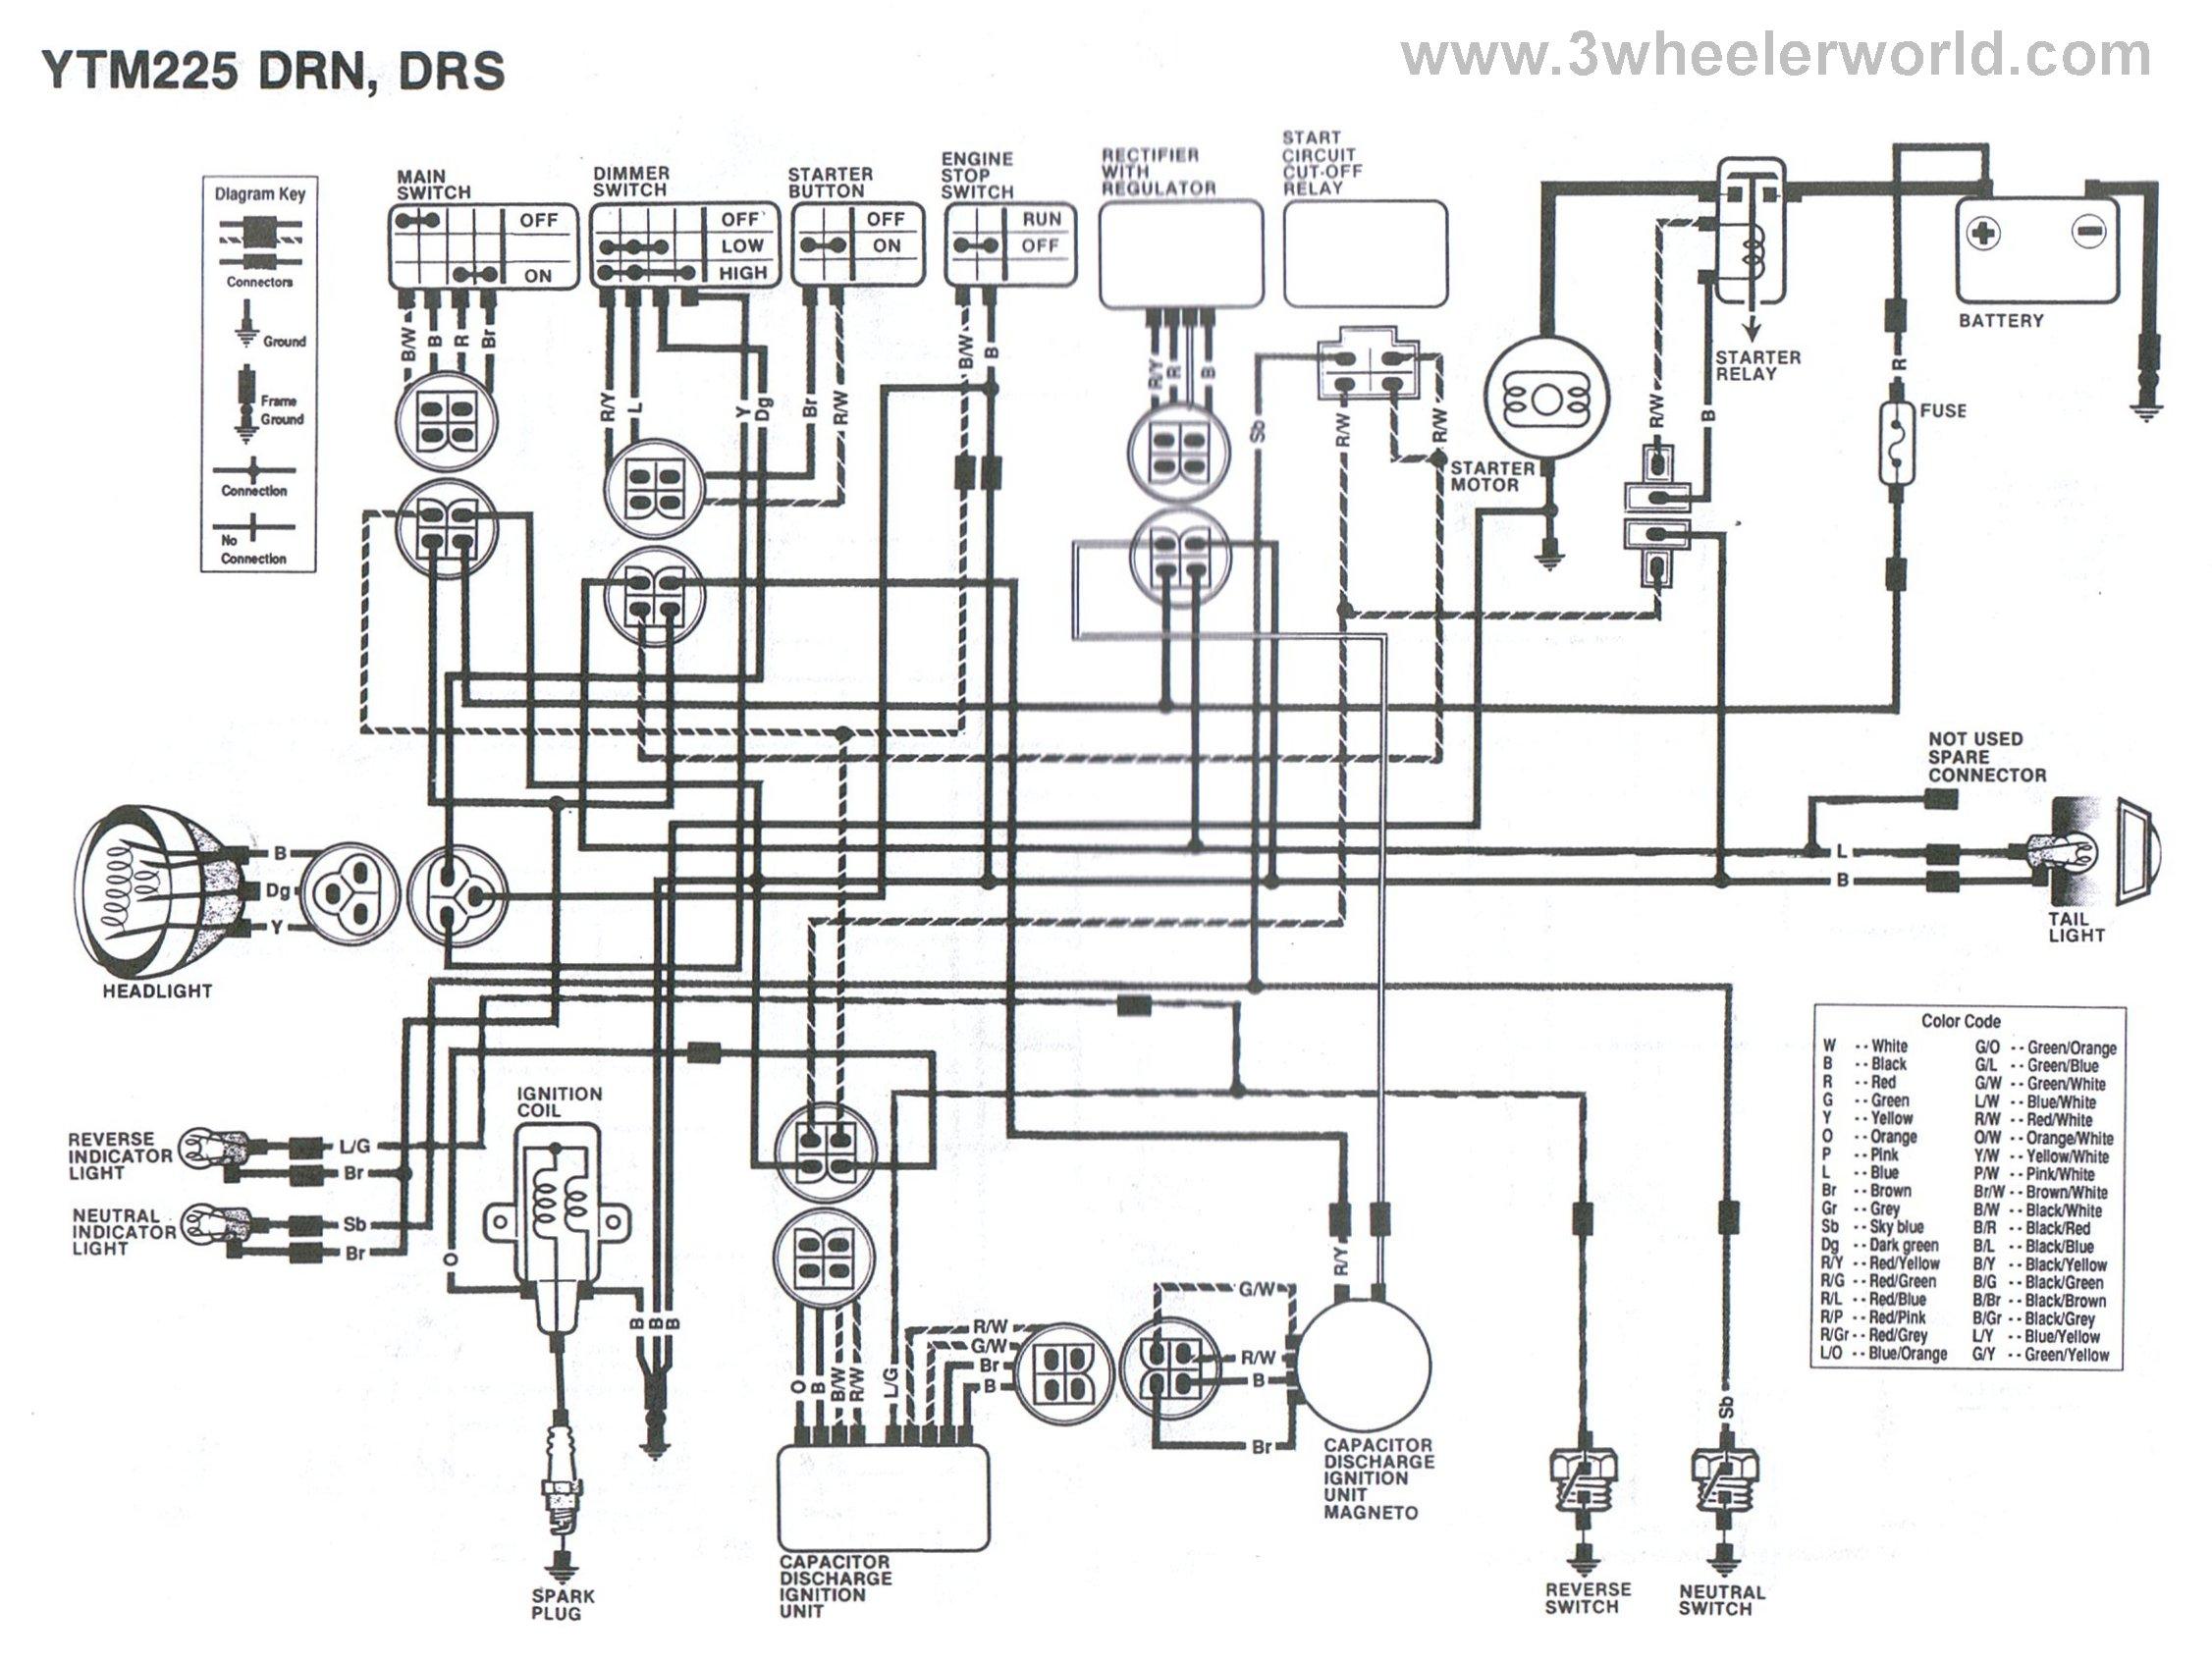 lifan 200cc wiring schematic